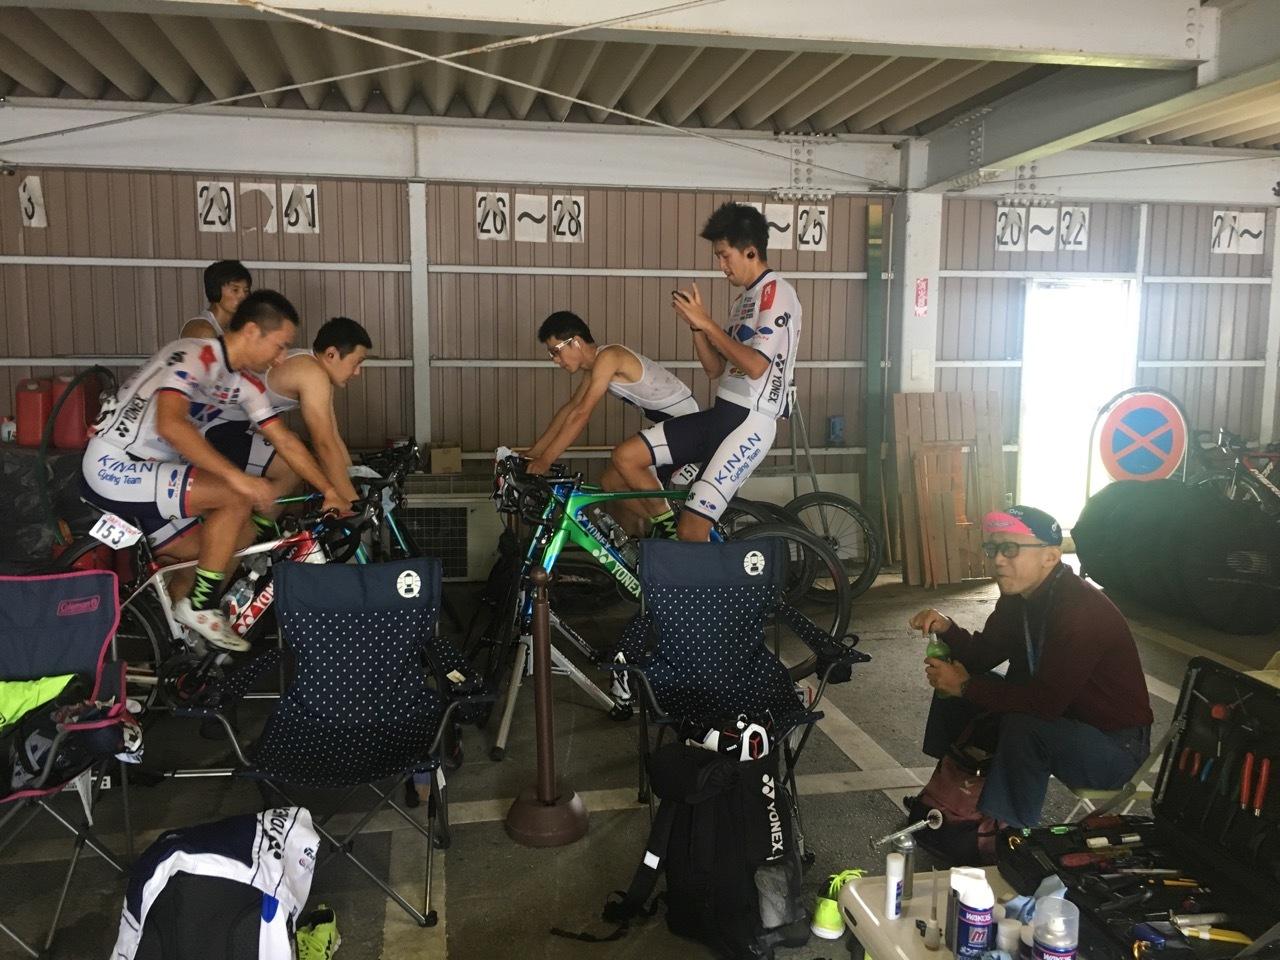 2019.10.20「宇都宮ジャパンカップ、ロードレース」_c0197974_22313048.jpg